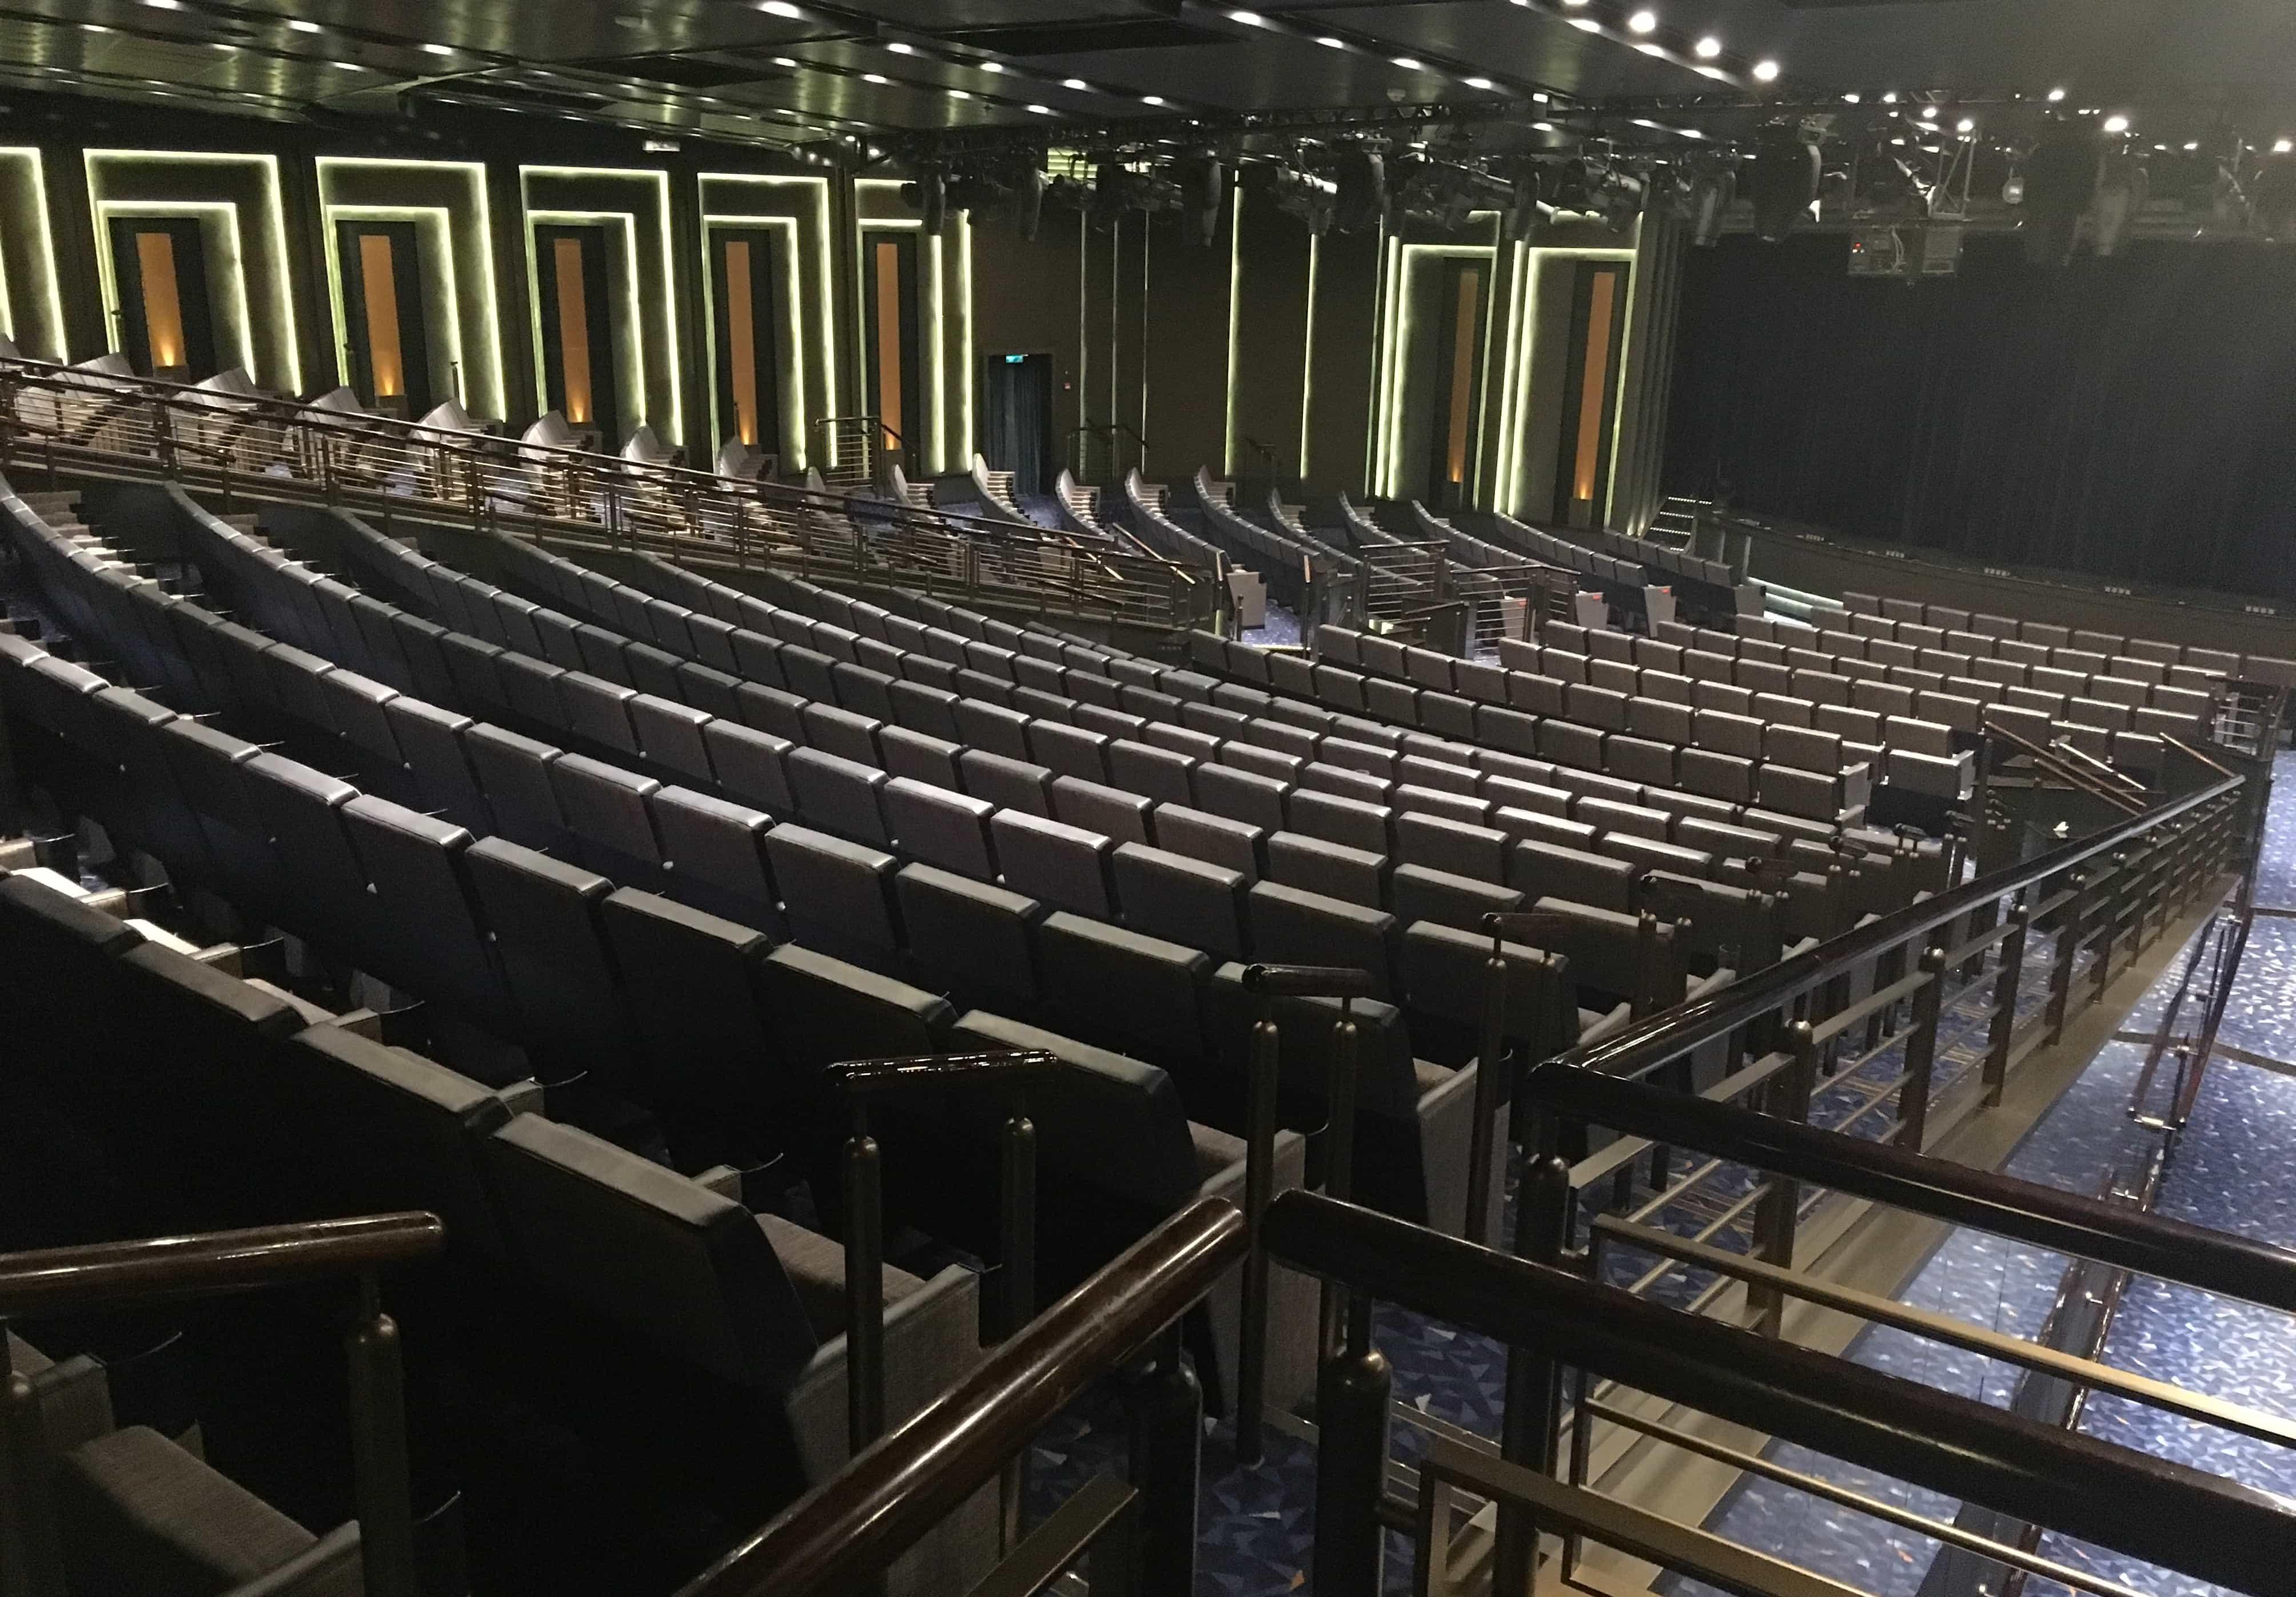 p&o britannia theatre